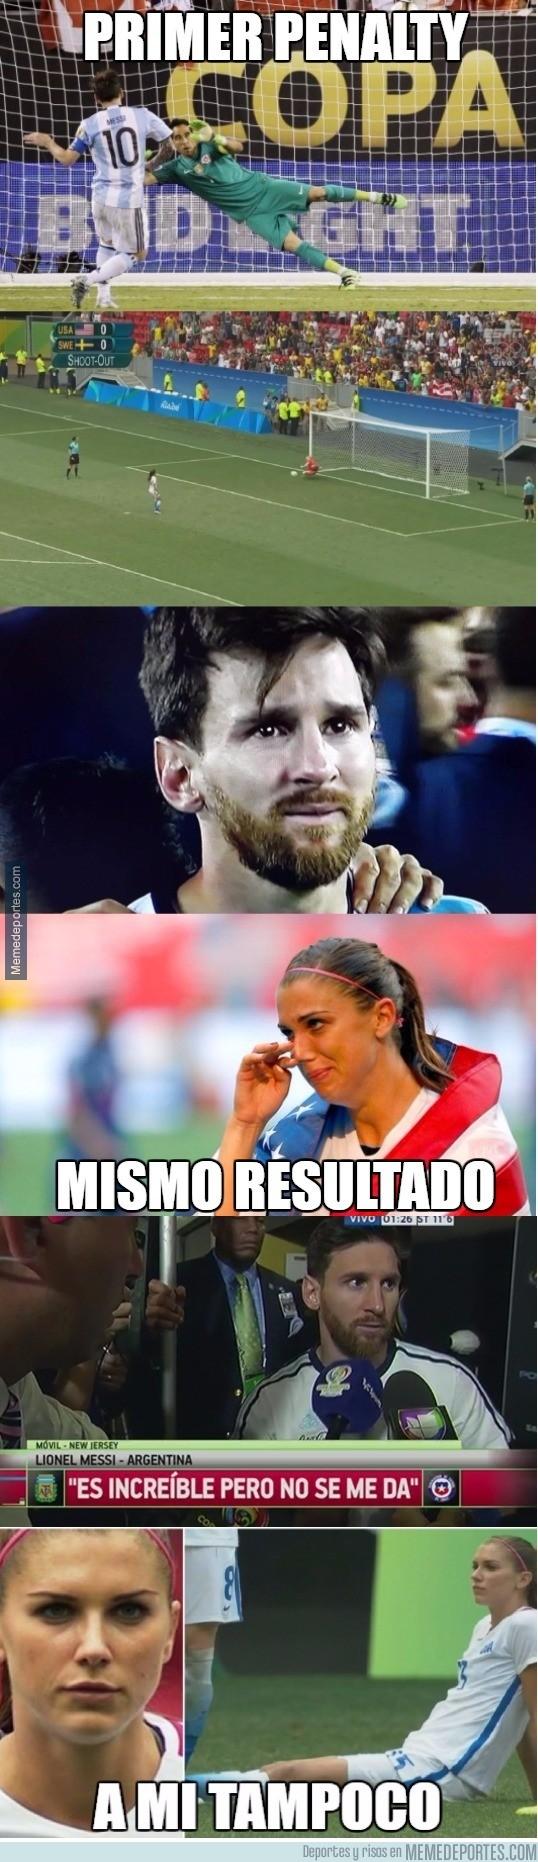 897203 - Alex Morgan y Messi, unidos por un mismo sentimiento